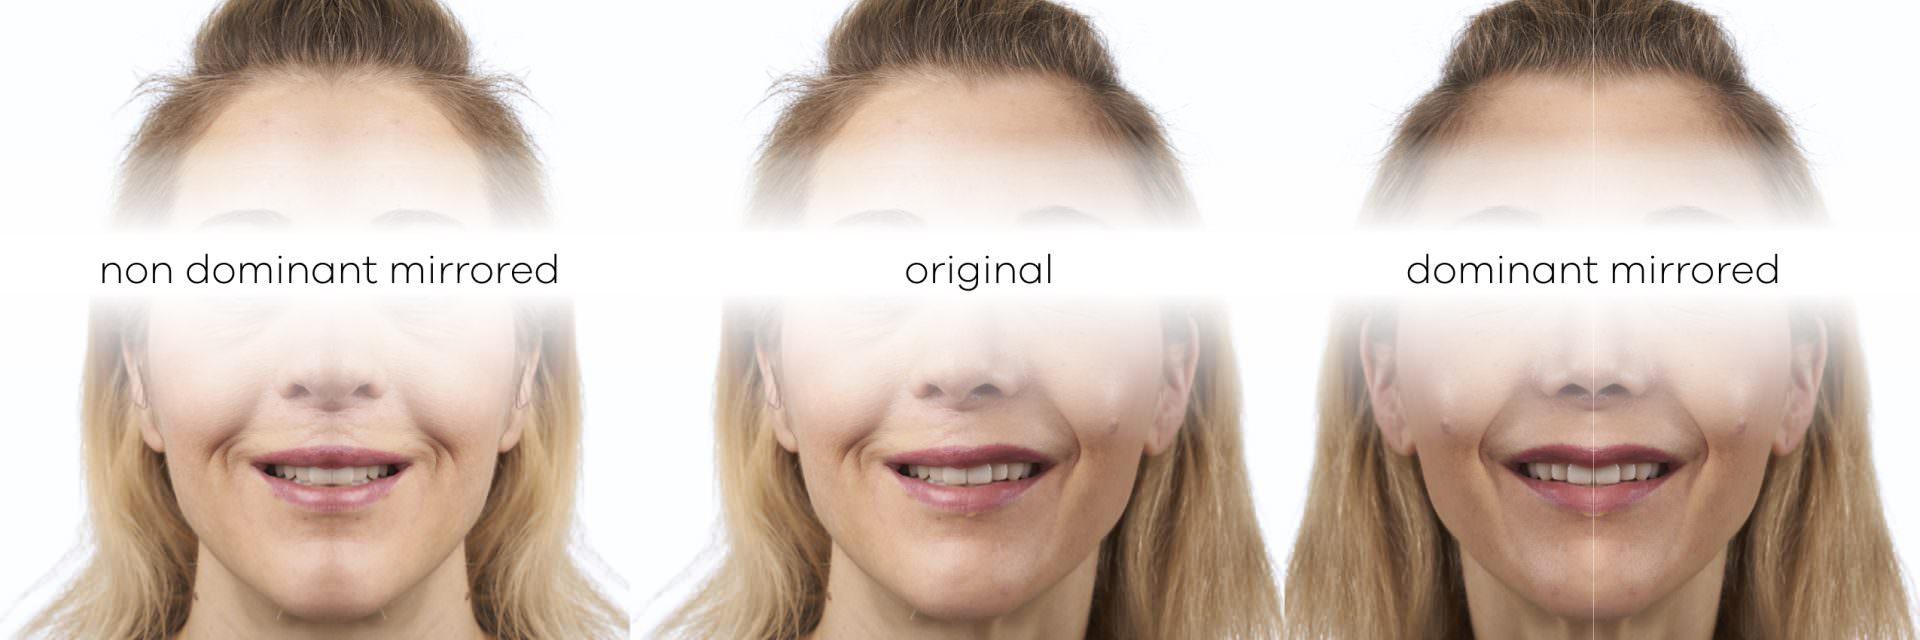 Facial Analysis for Smile Design